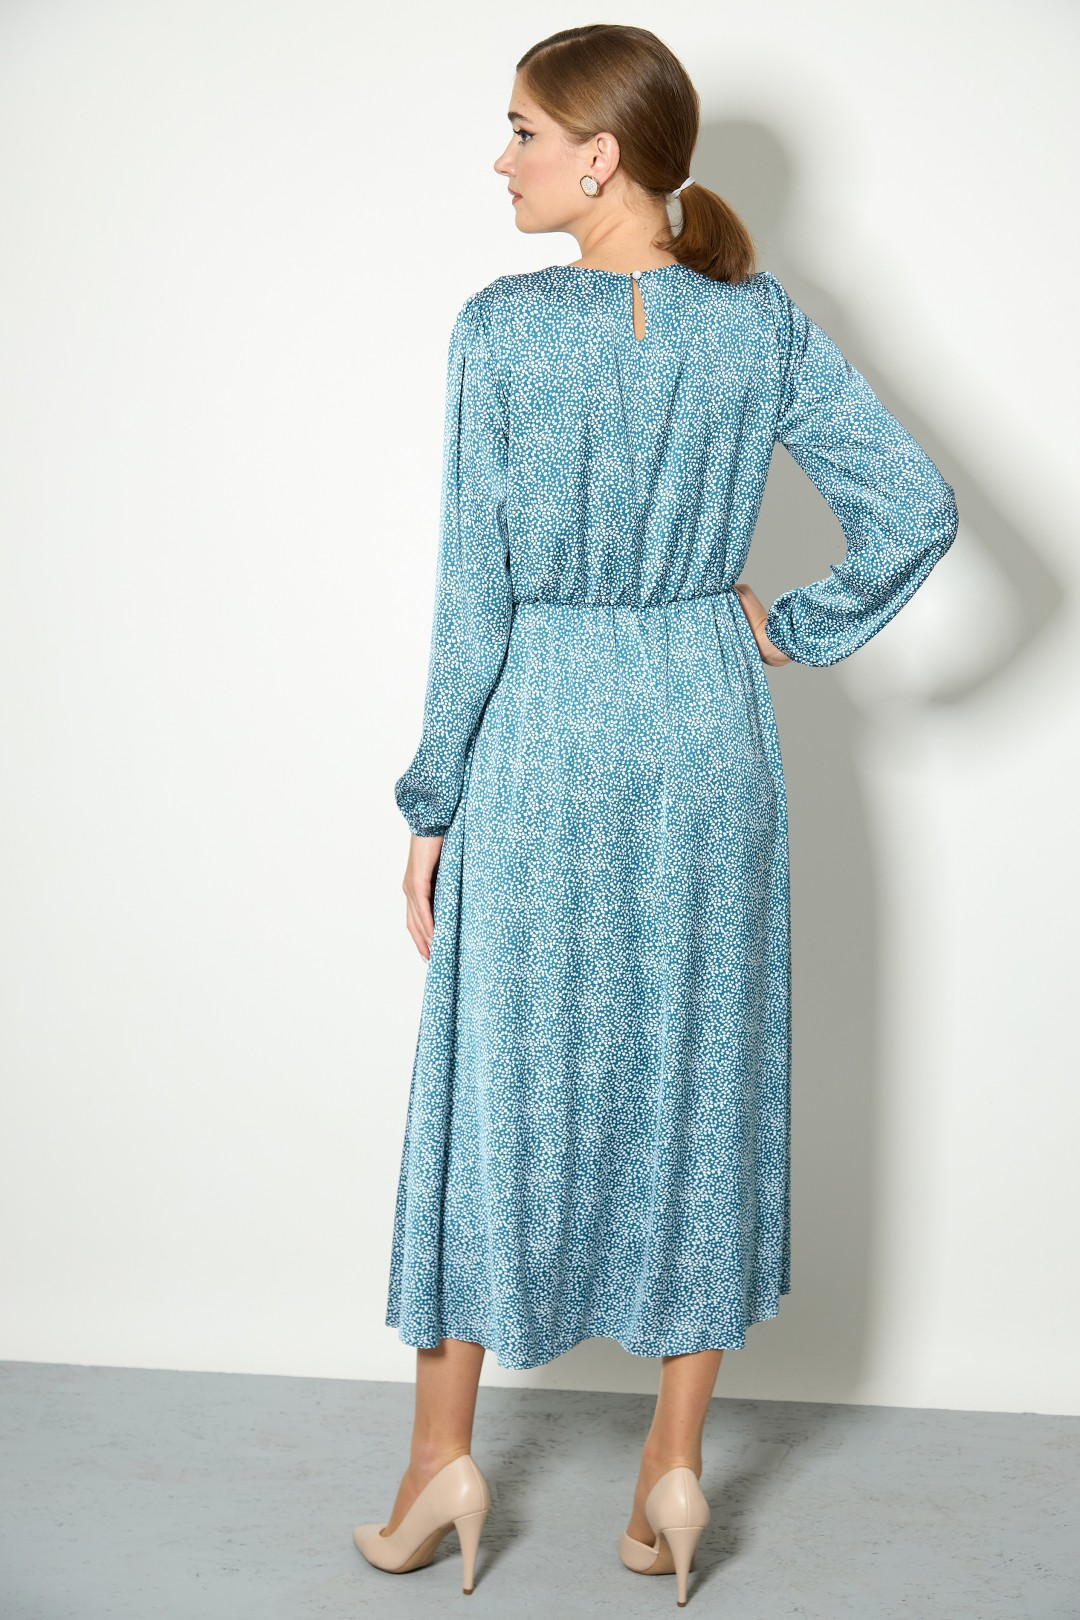 Платье Stefany 836a бирюзовый